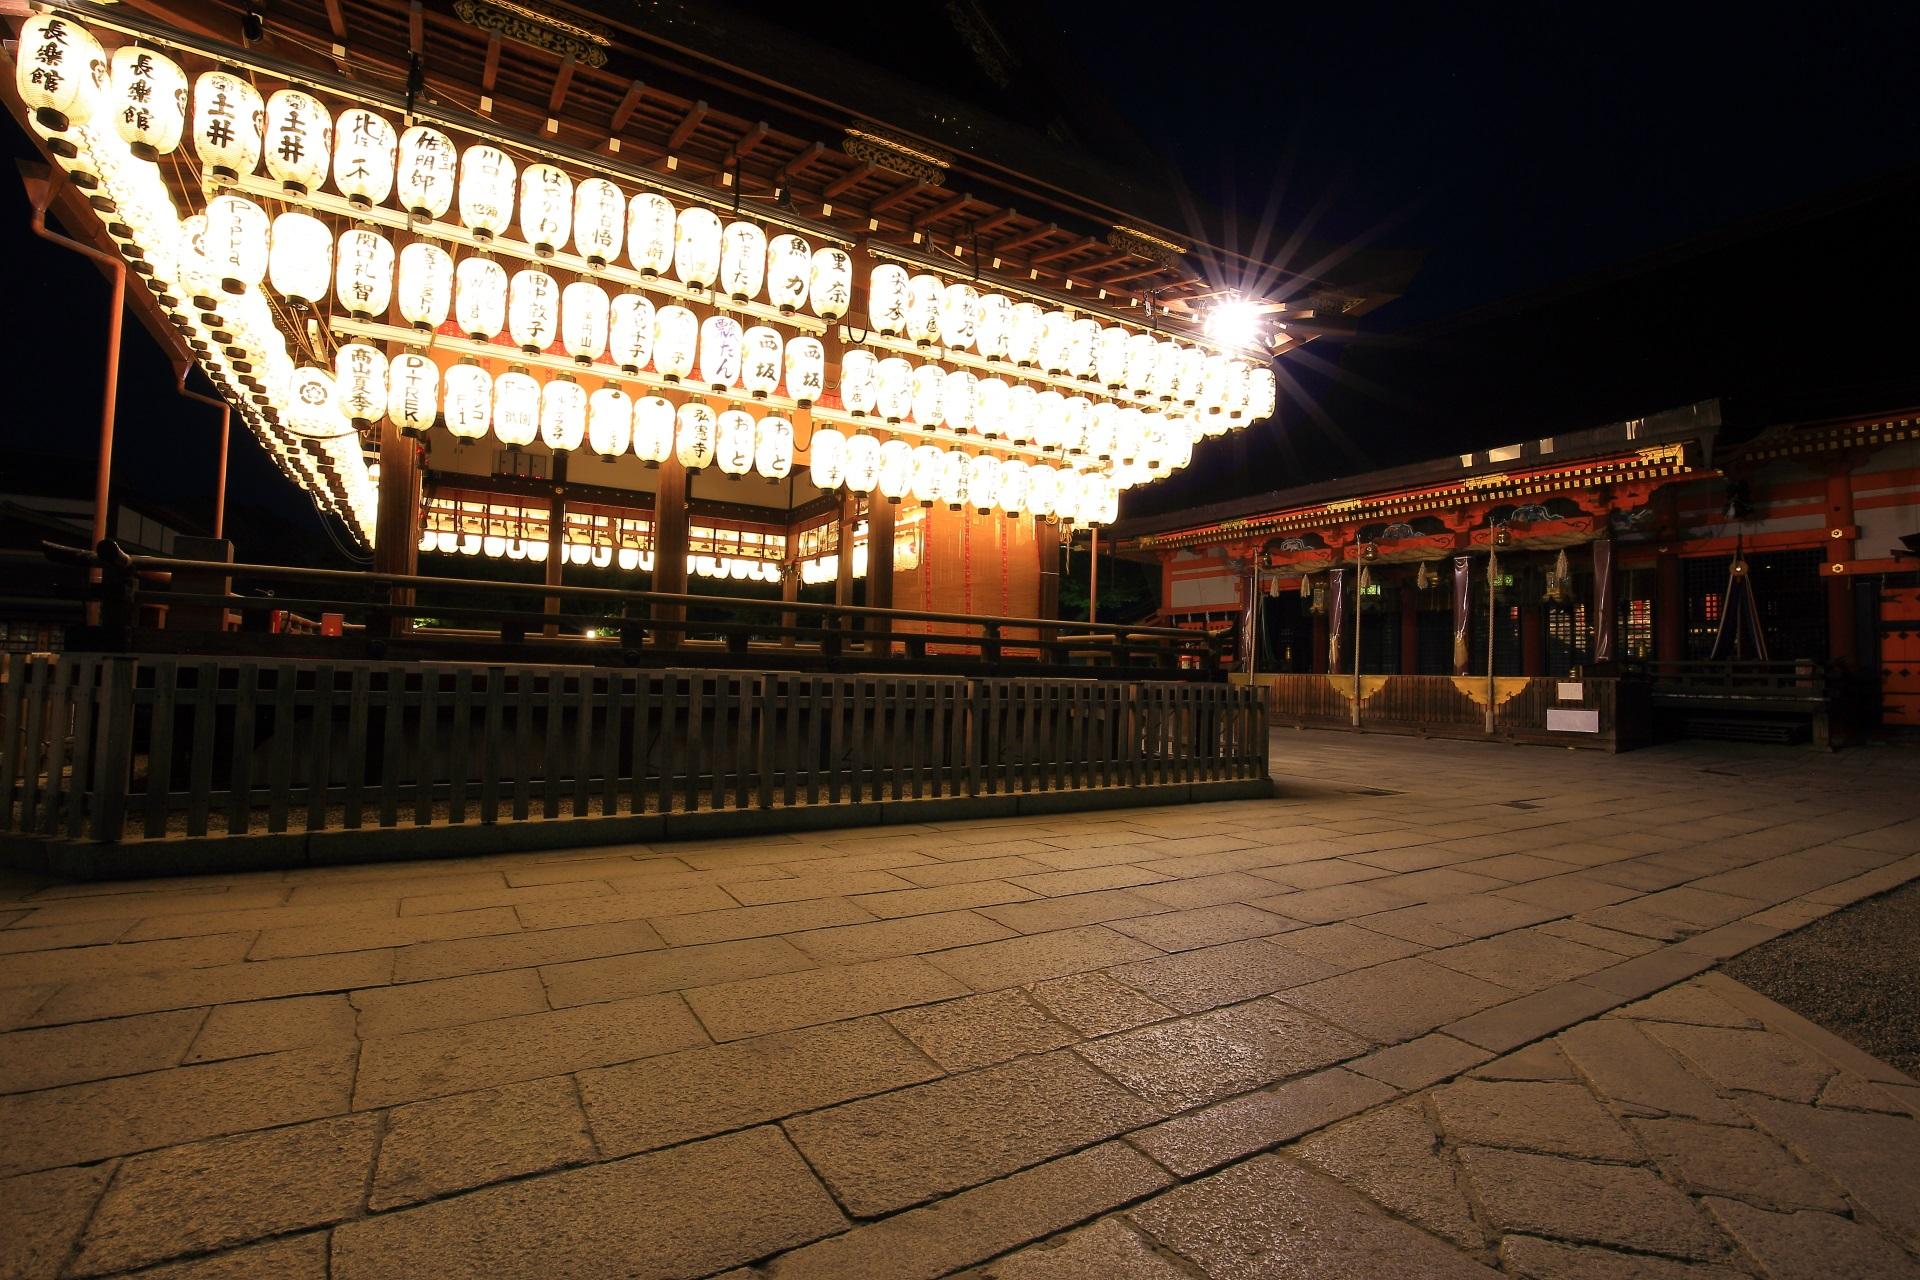 提燈と石畳が綺麗な夜の拝殿